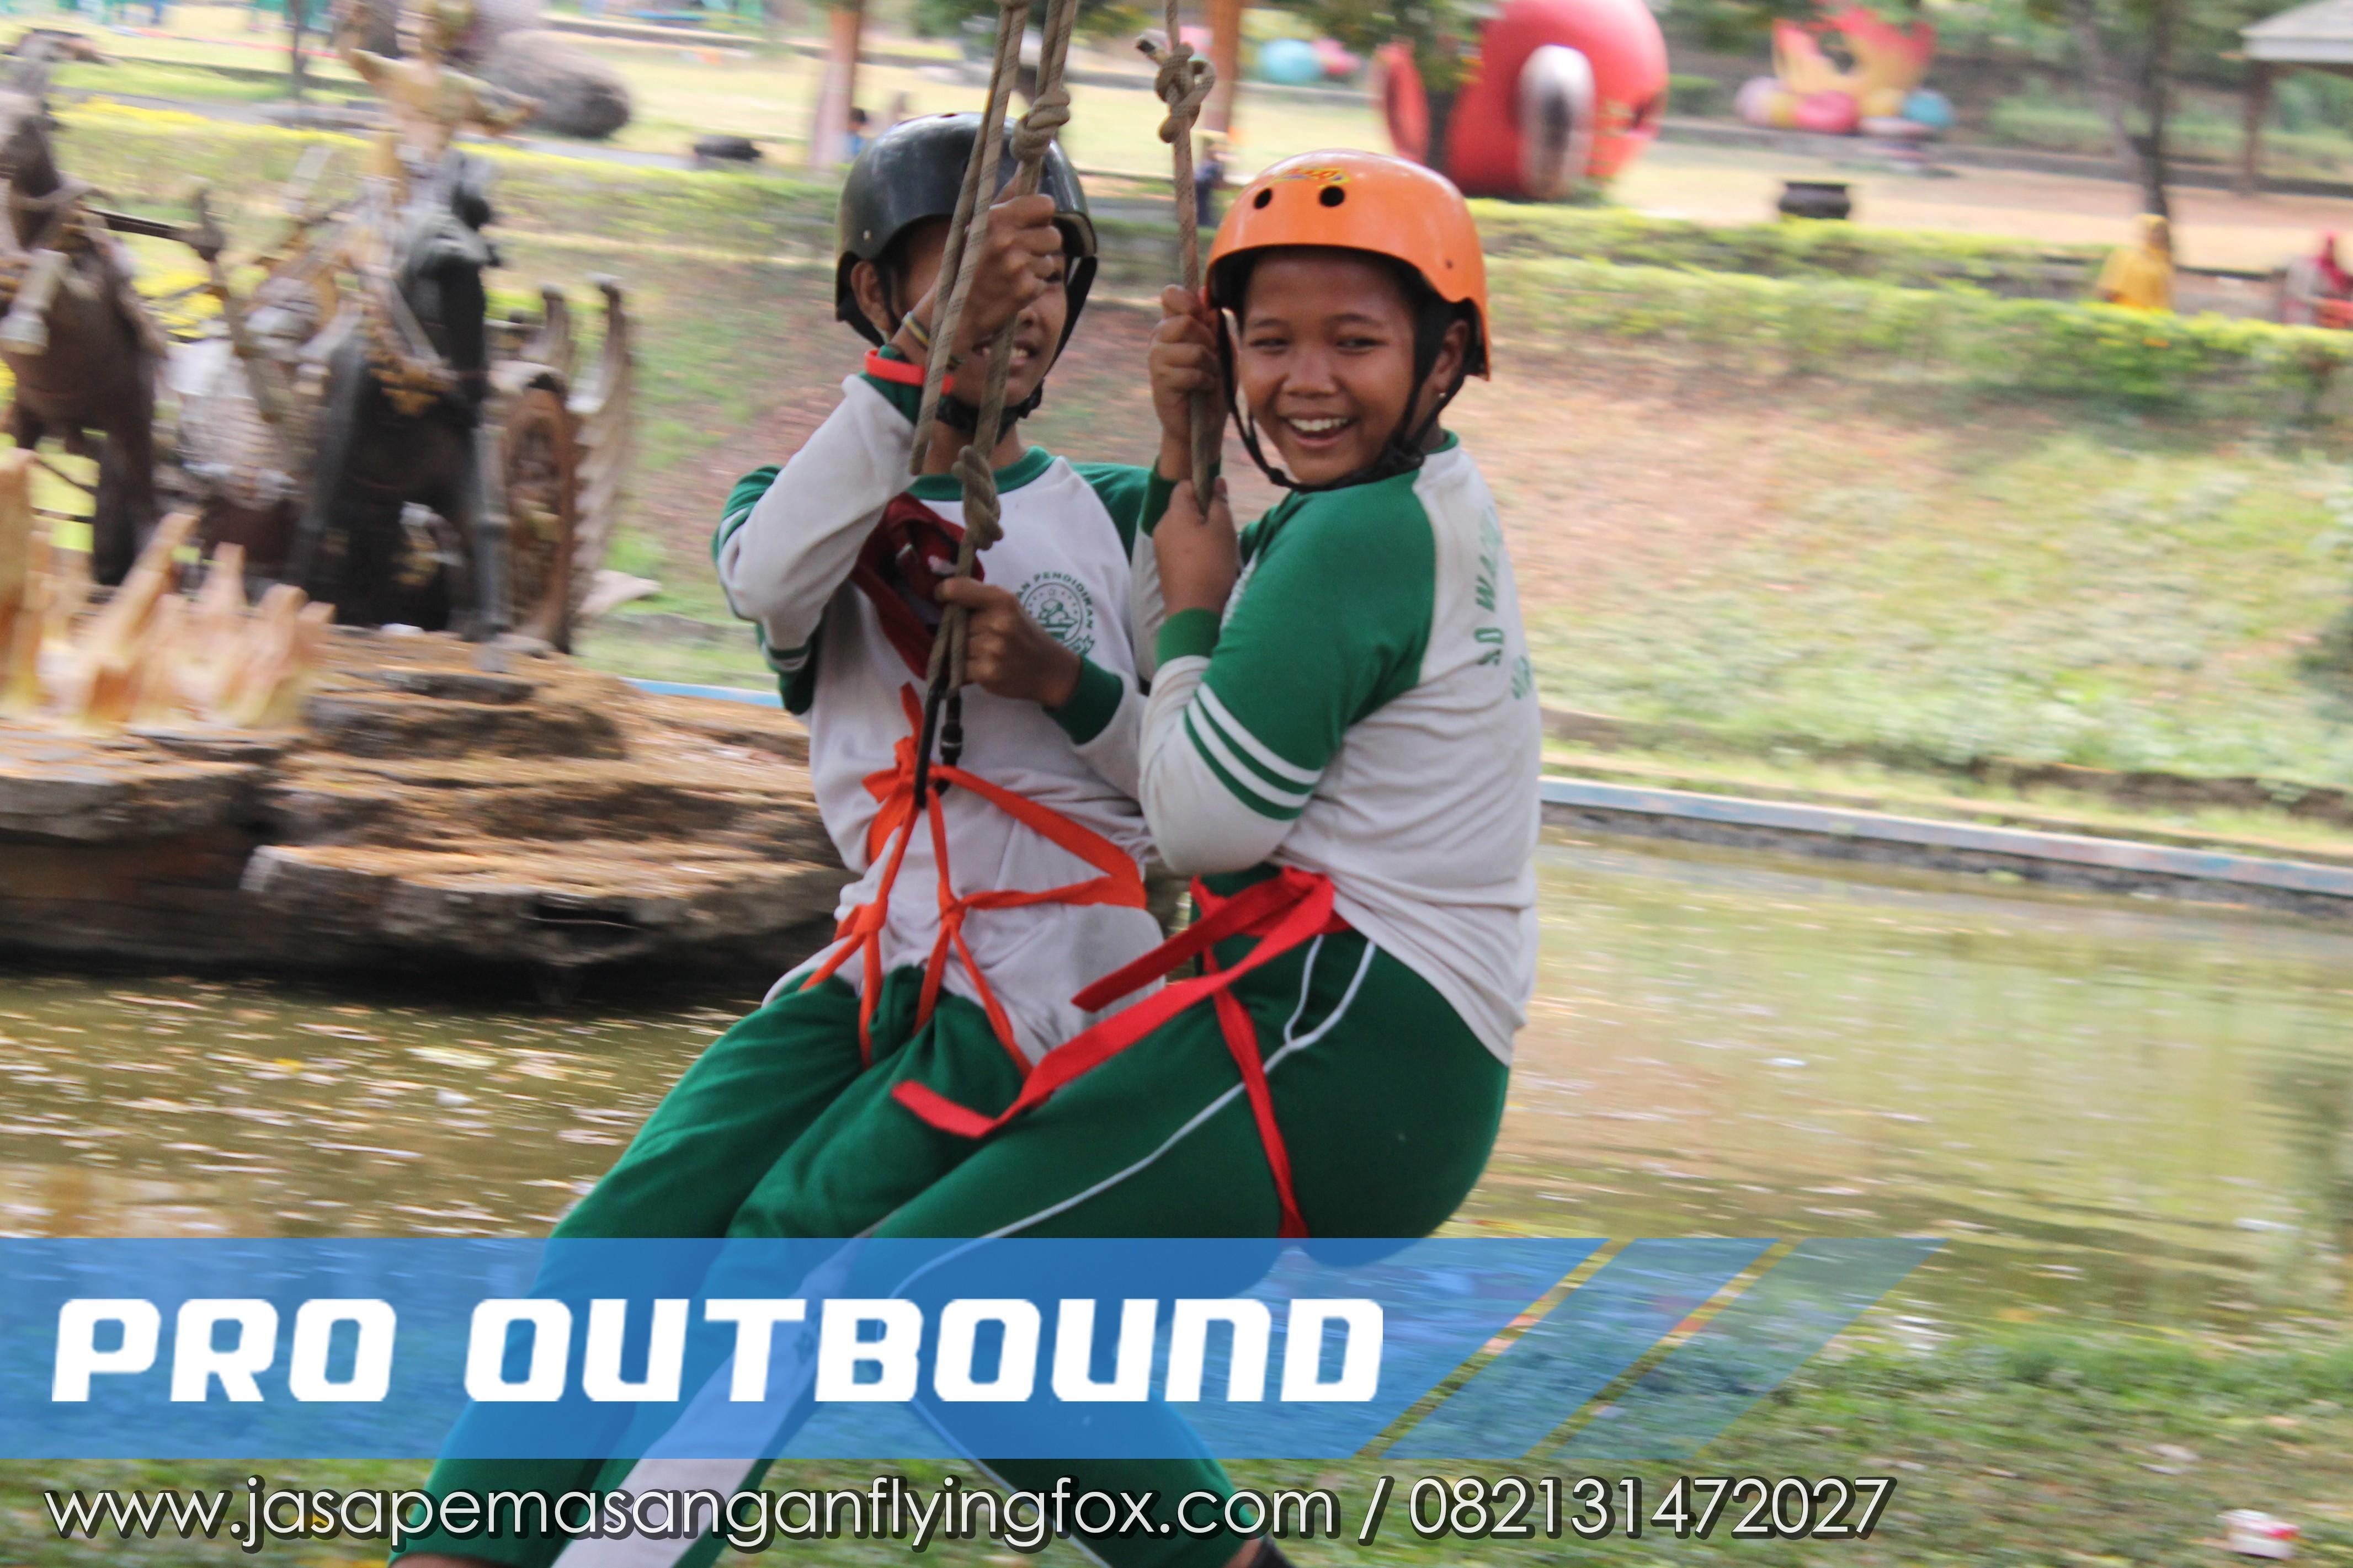 Melawan Rasa Takut Melalui Kegiatan Highrope - Flyingfox Untuk Anak Kalimantan, 082131472027 (2)